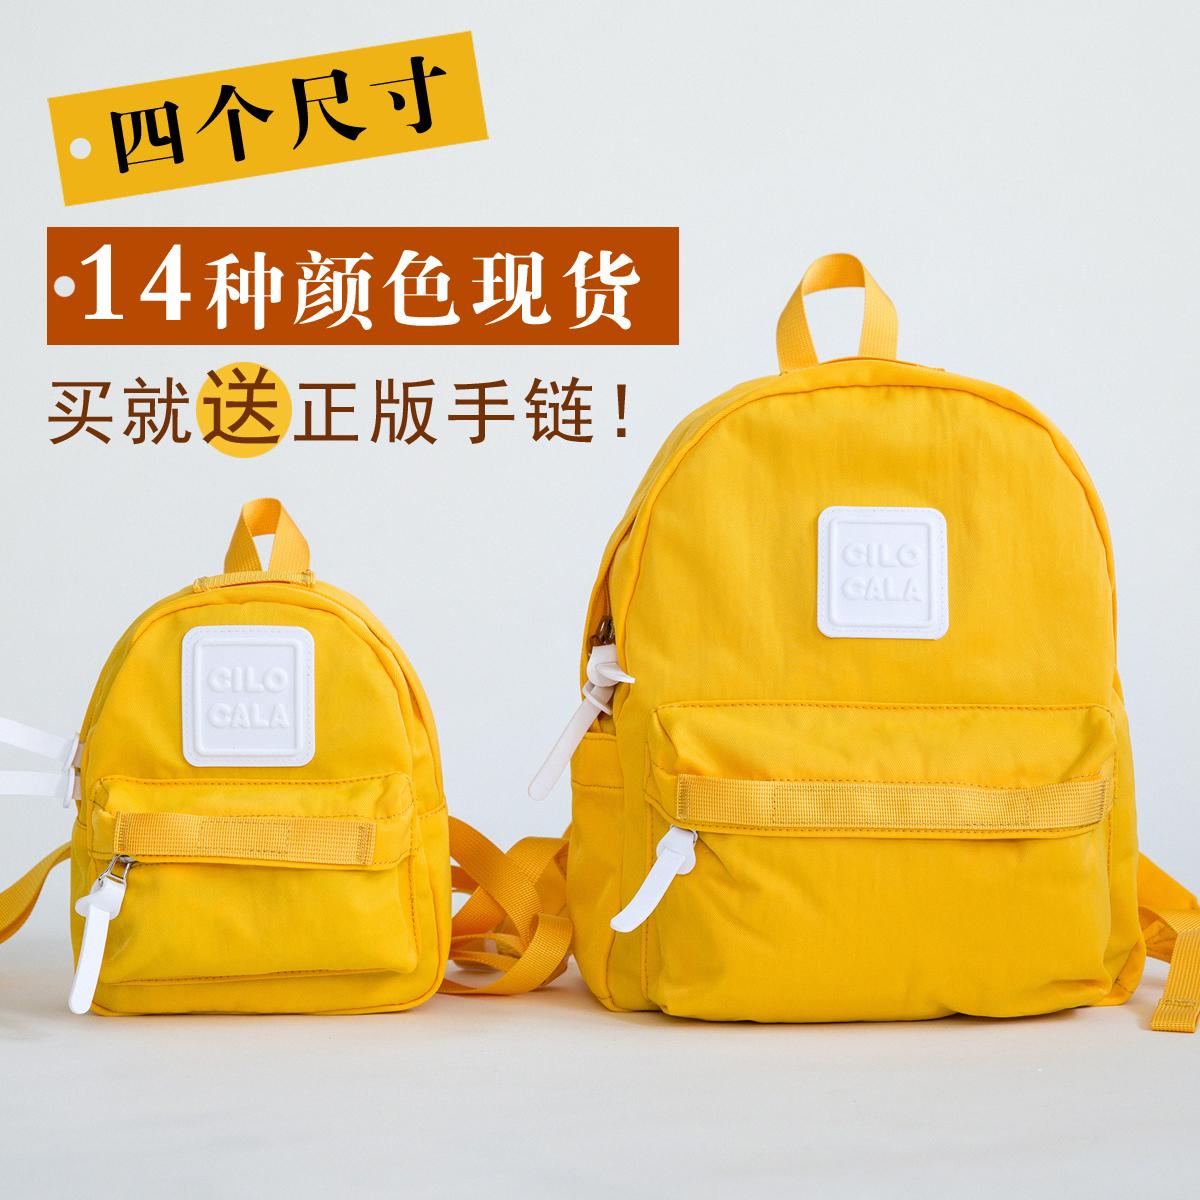 日本cilocala亲子纯色背包中学生书包女旅行包韩版双肩包女妈妈包